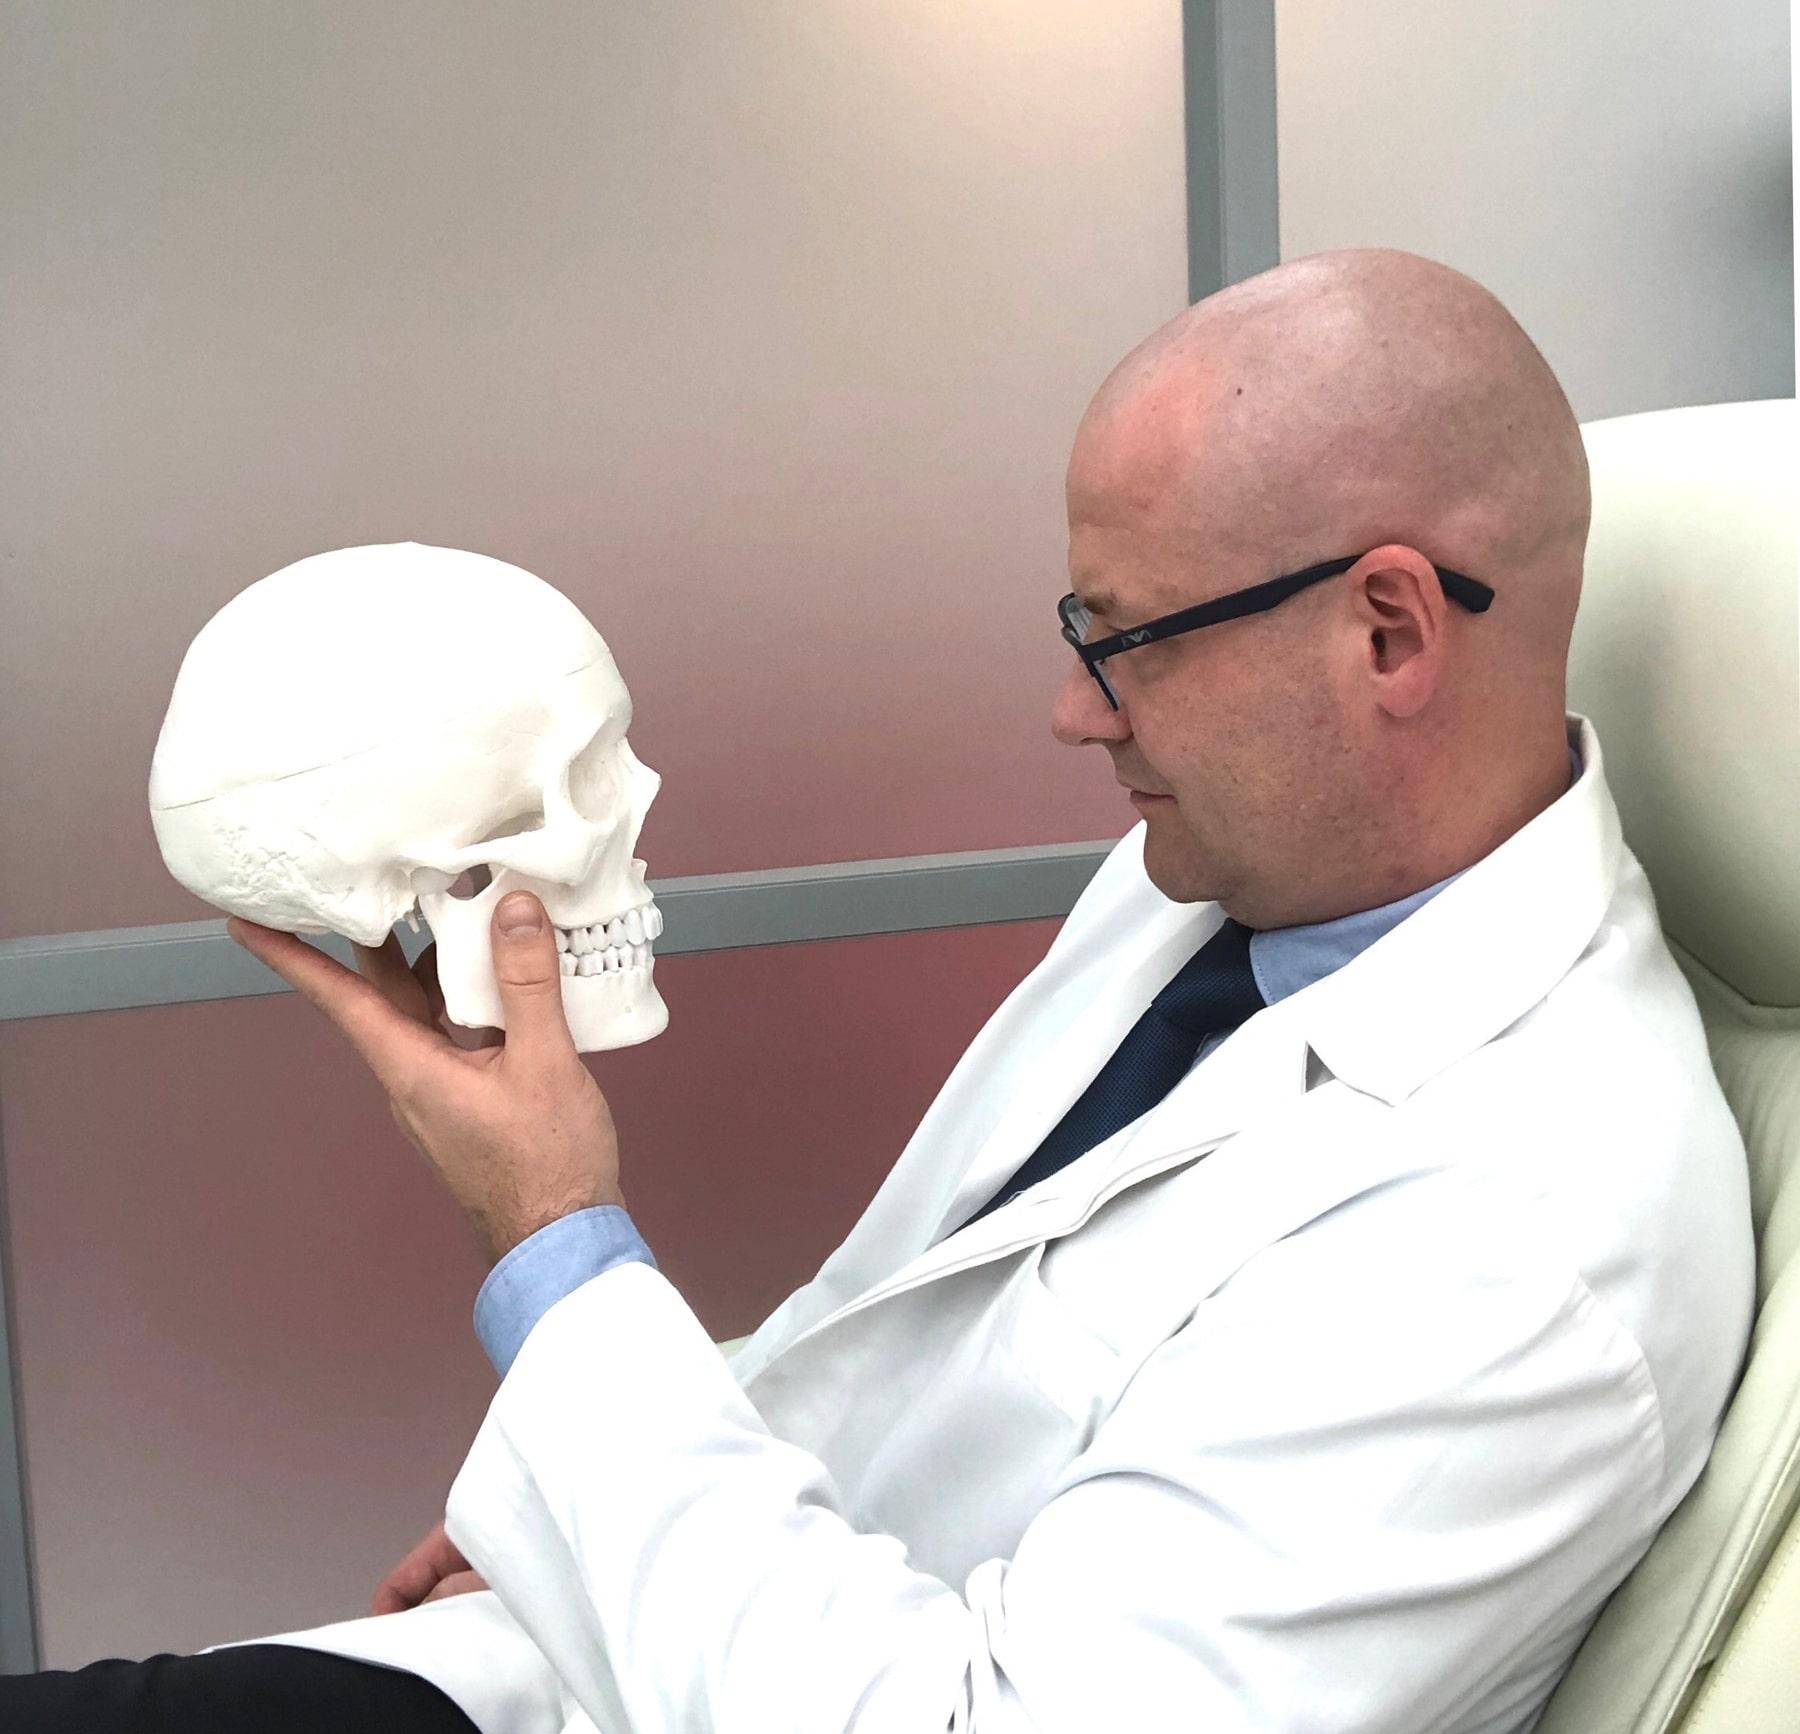 Ортопедический шлем. Быть или не быть…? - Ортотис Премиум